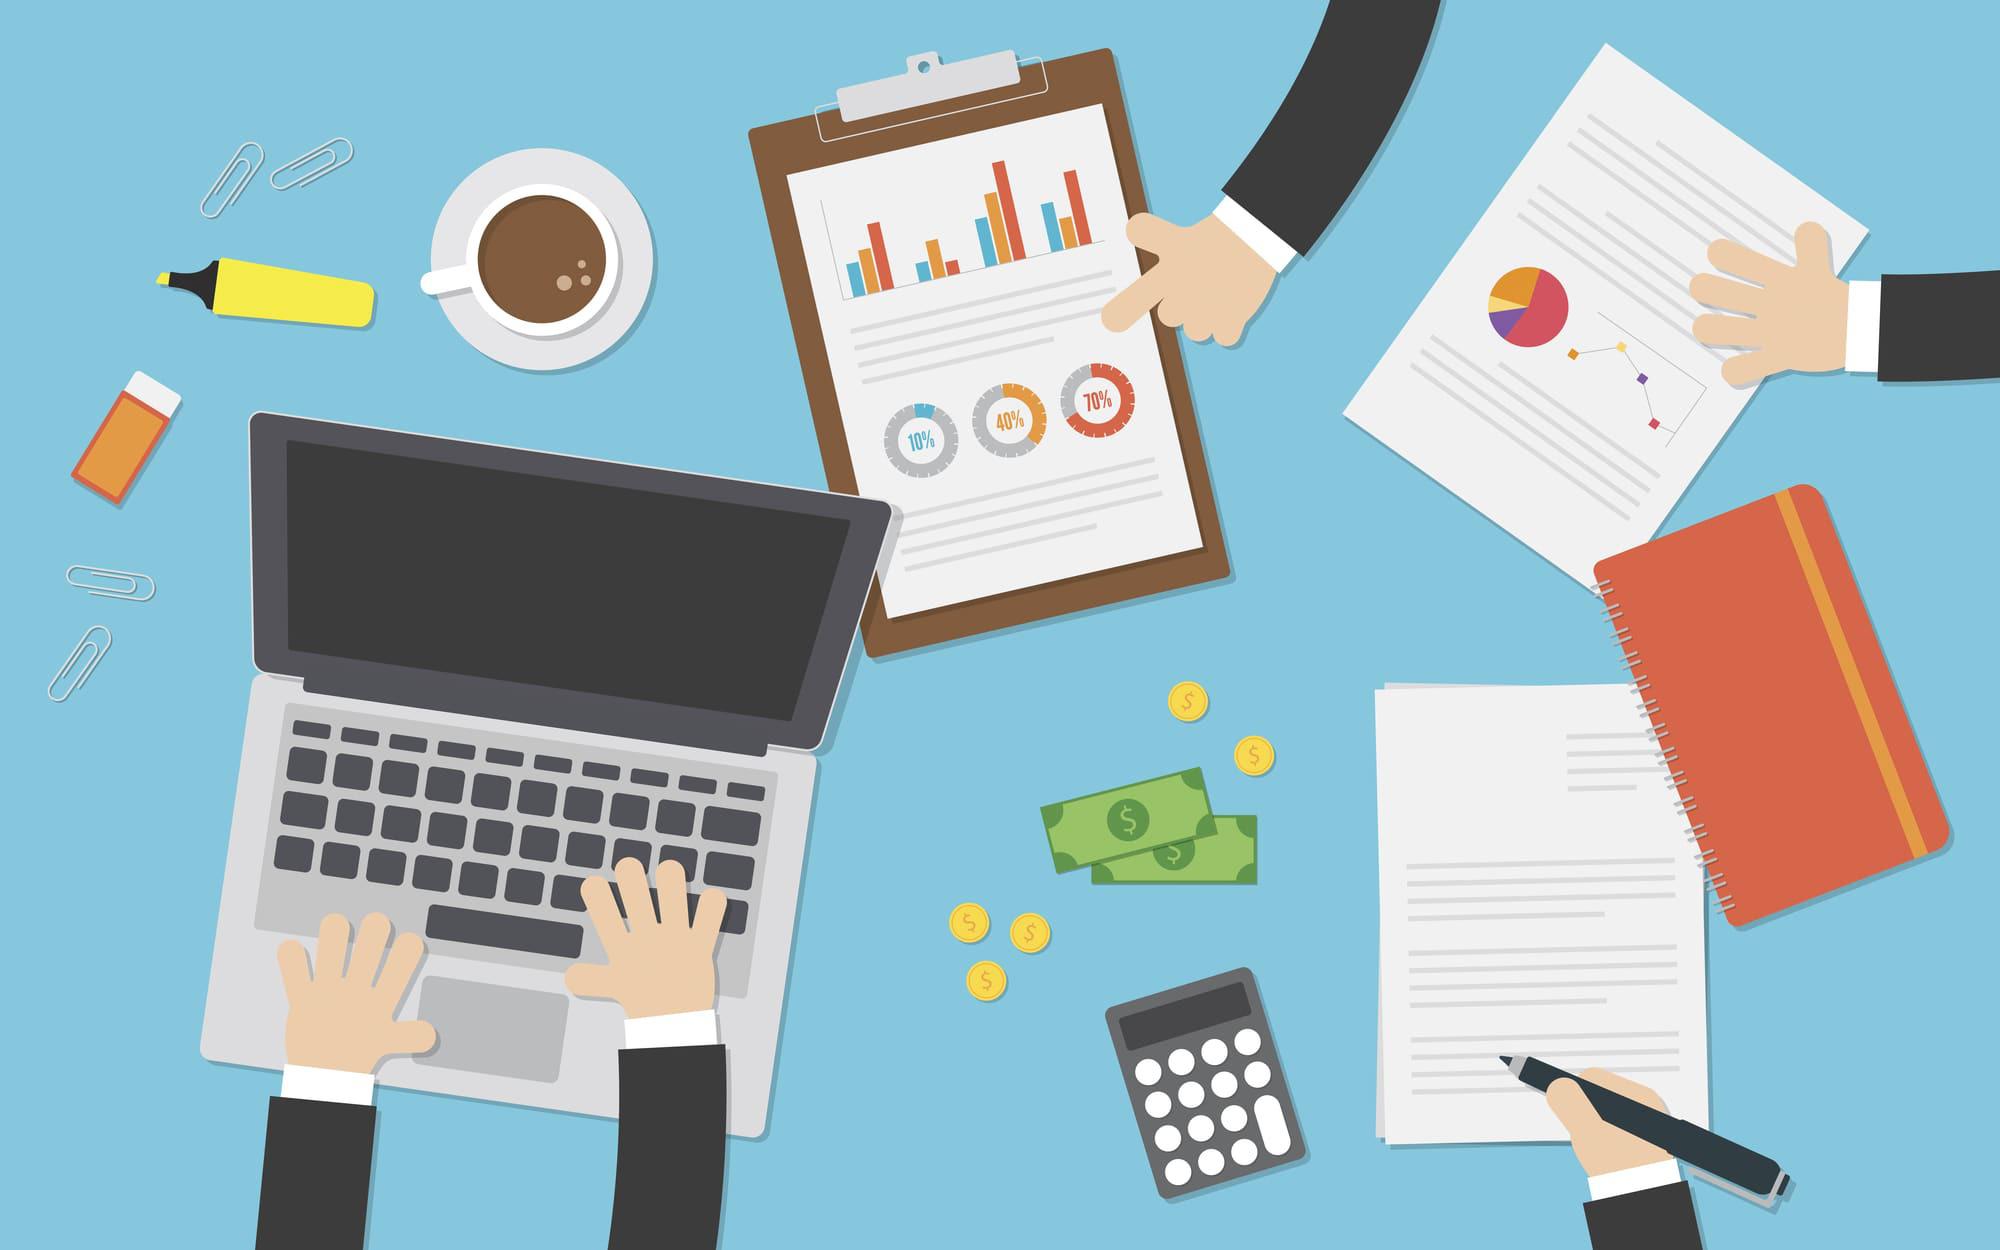 Tổ chức tài chính doanh nghiệp (Corporate Financial Institution) là gì?  Nguyên tắc và nội dung